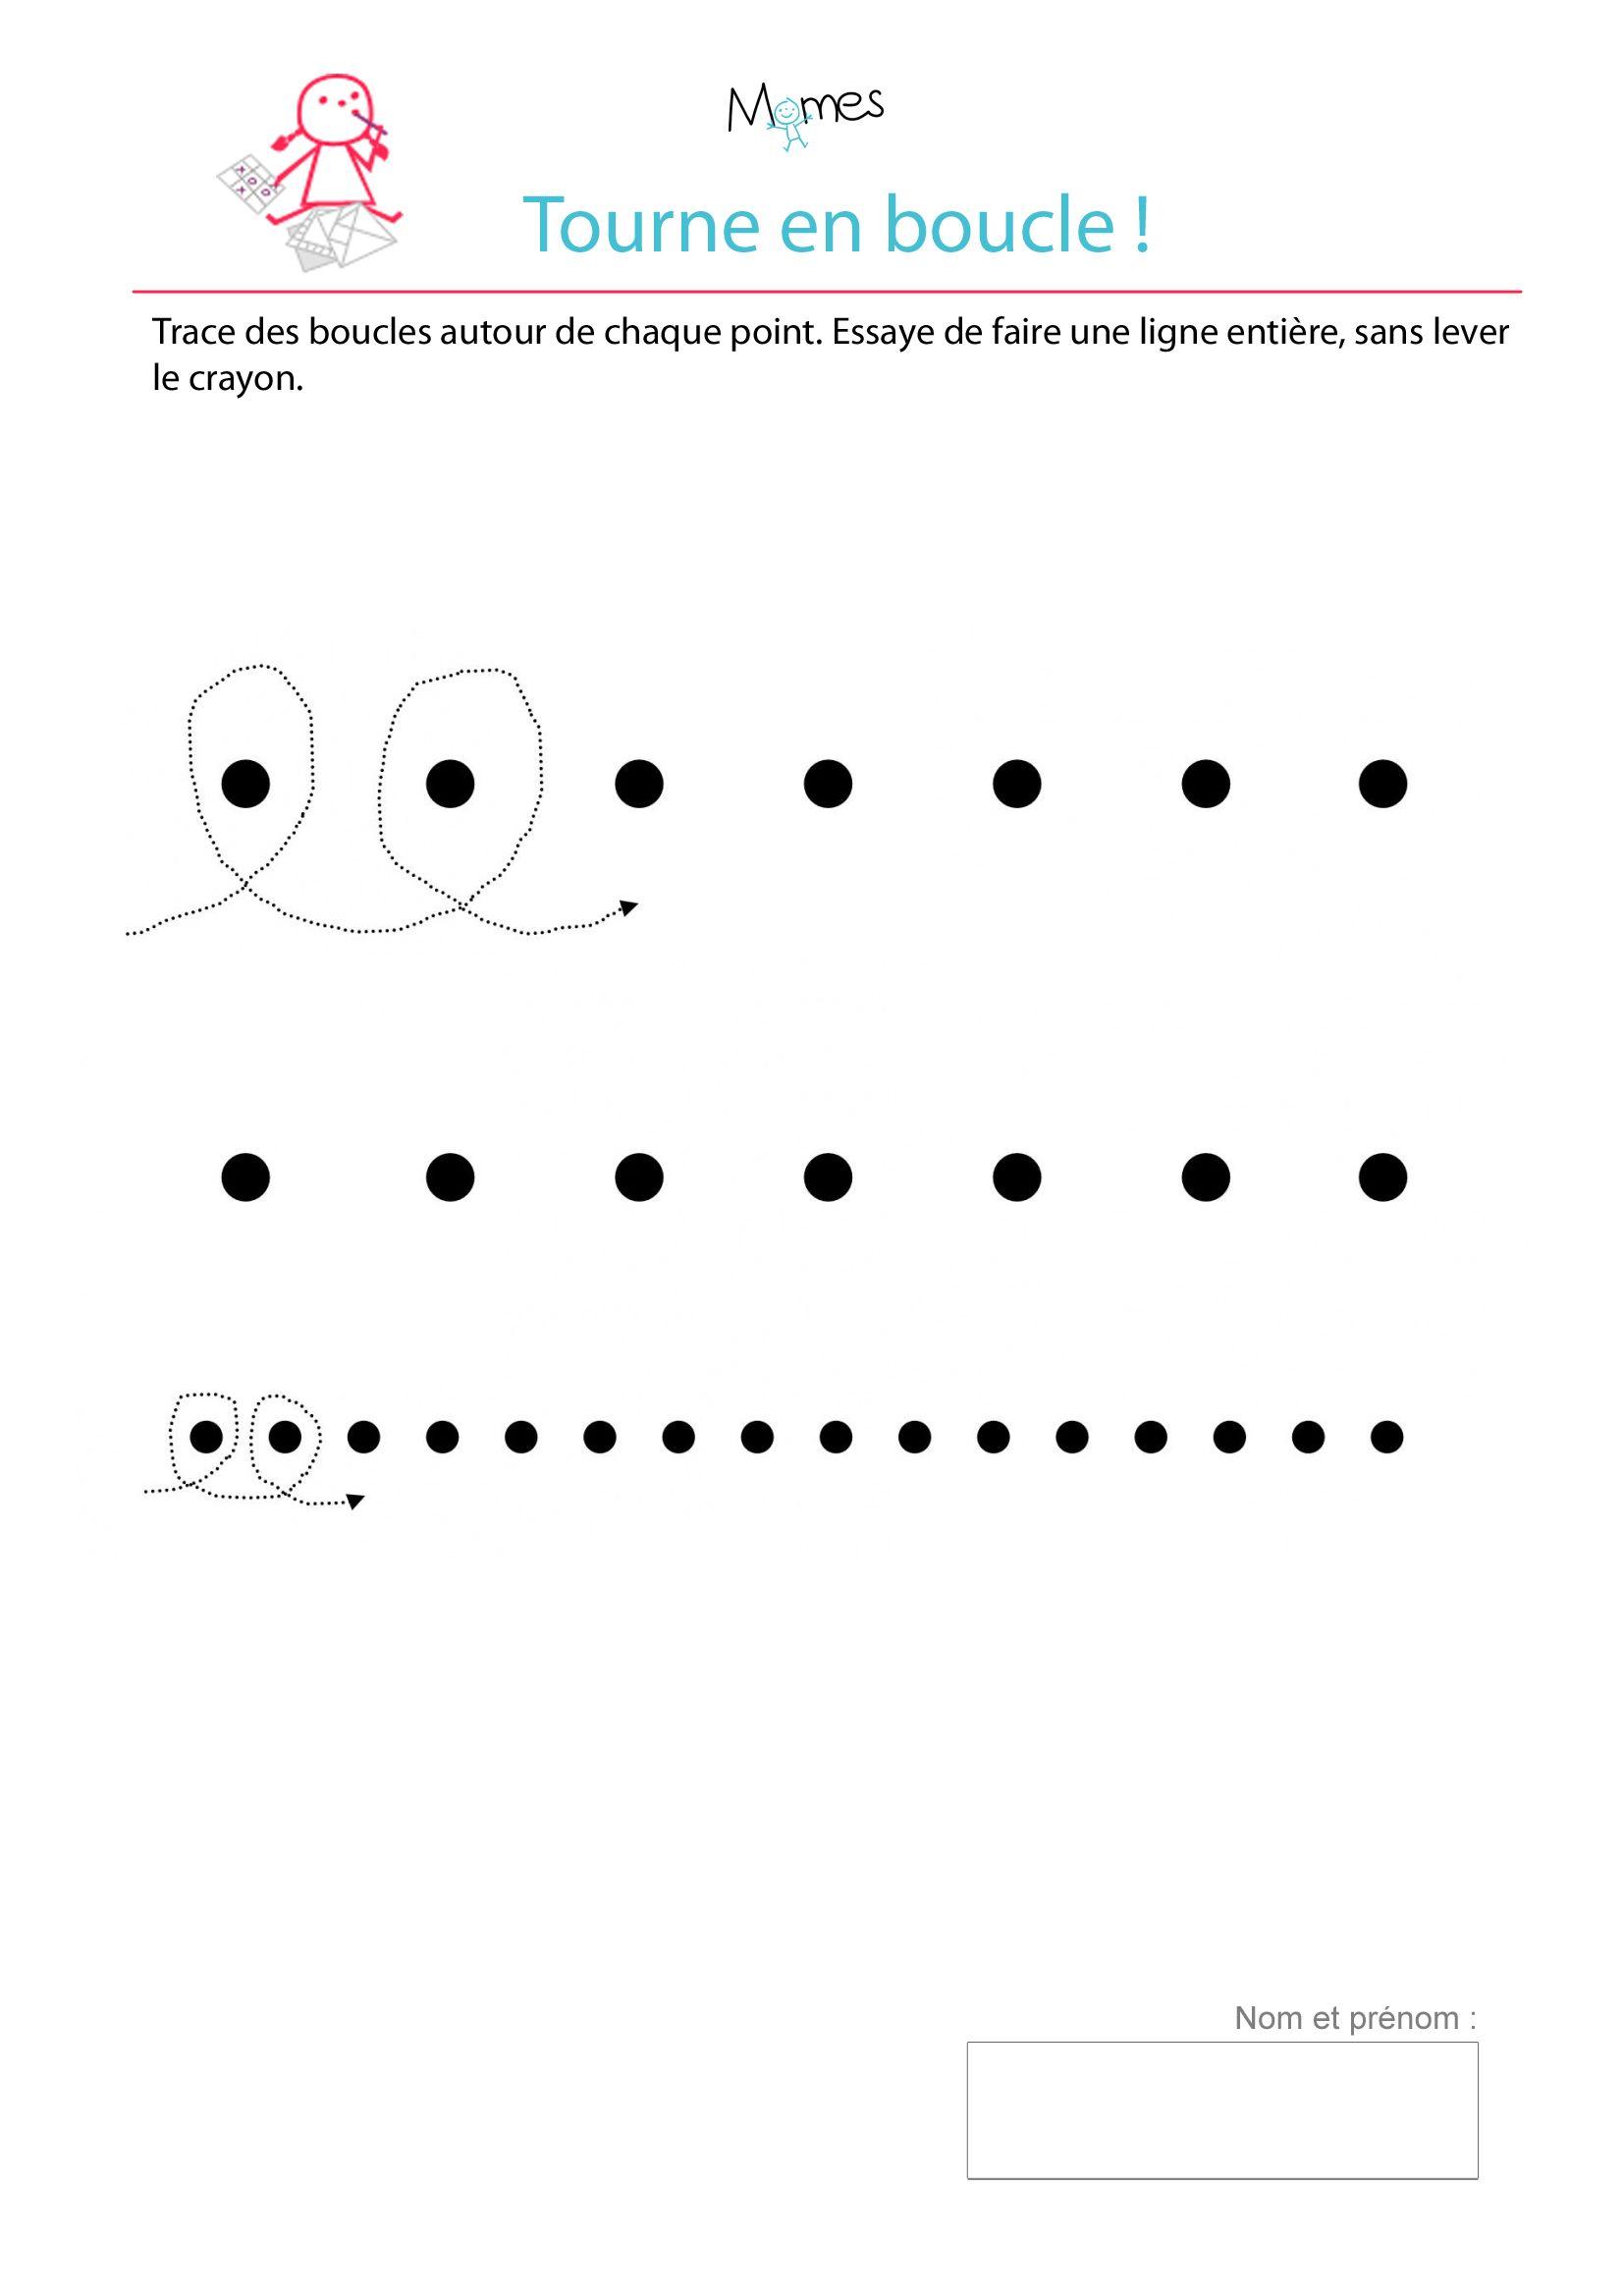 Populaire Exercice-d-ecriture-tracer-des-boucles-autour-de-points.jpg (1654  BX74